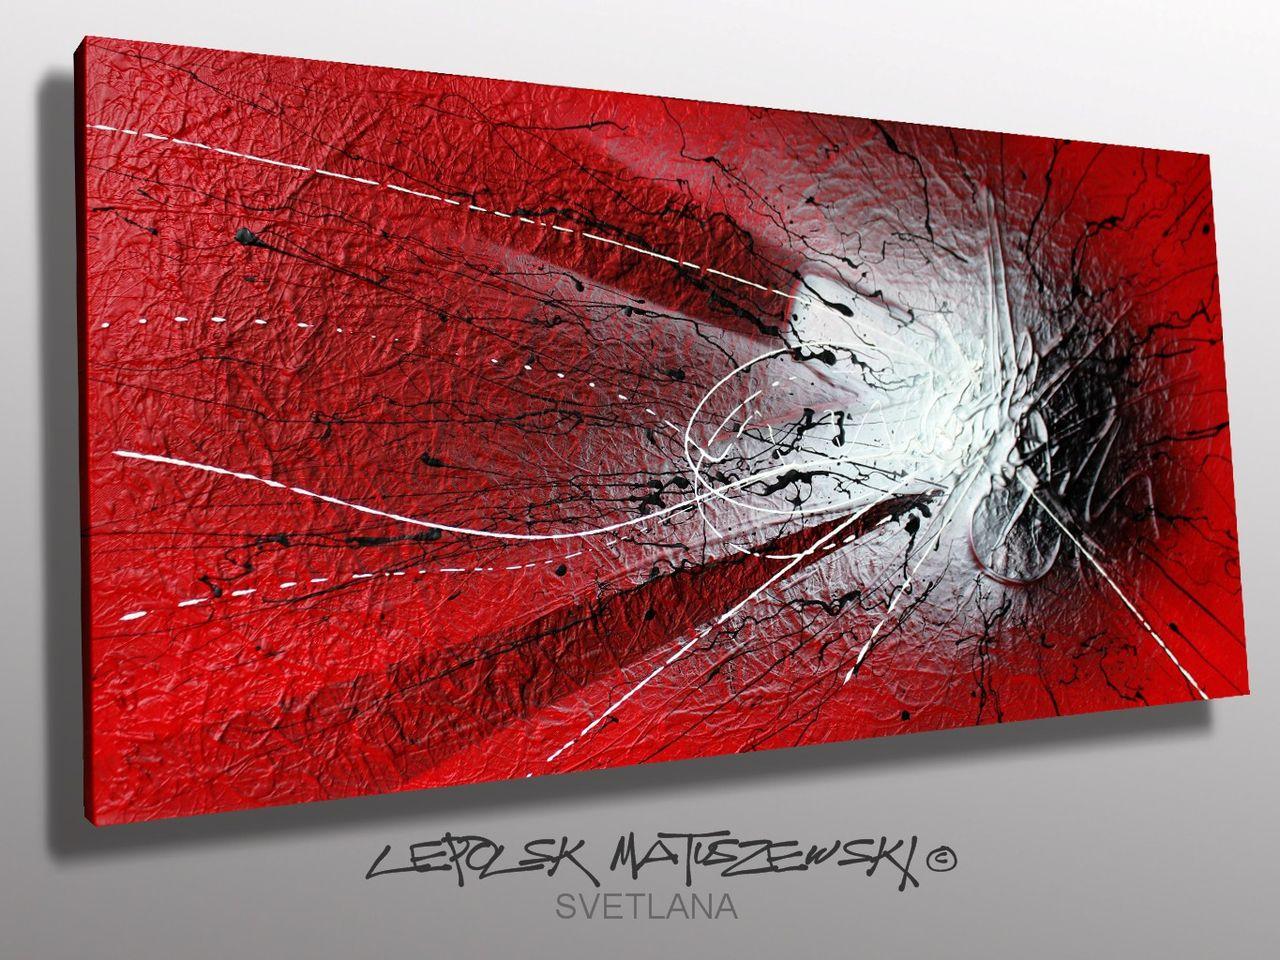 MK  Lepolsk Matuszewski SVETLANA   Expressionnisme abstrait contemporain